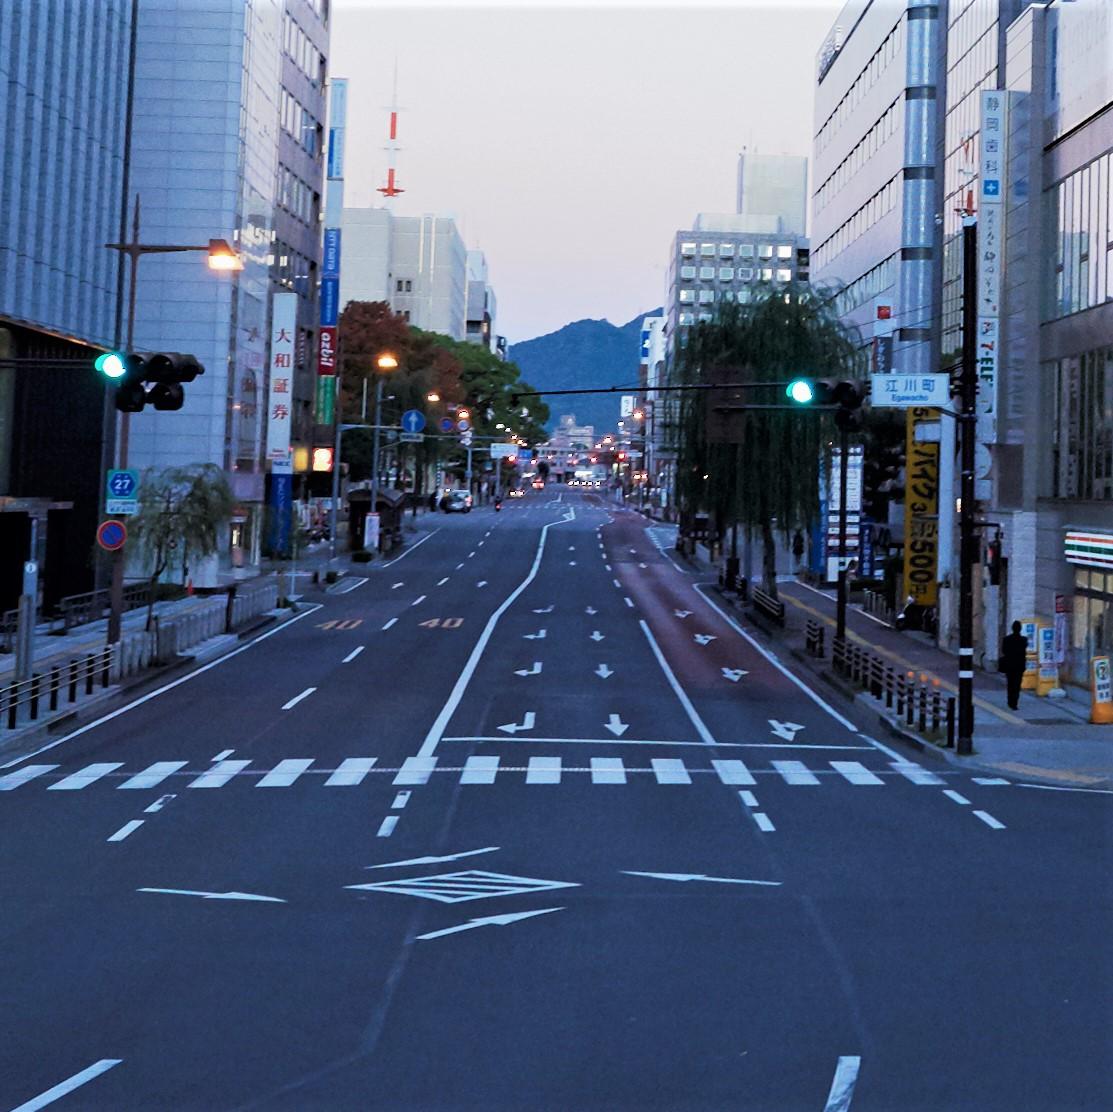 静岡マラソン2018直前!<br>ぜったい読んでおきたいコース攻略術